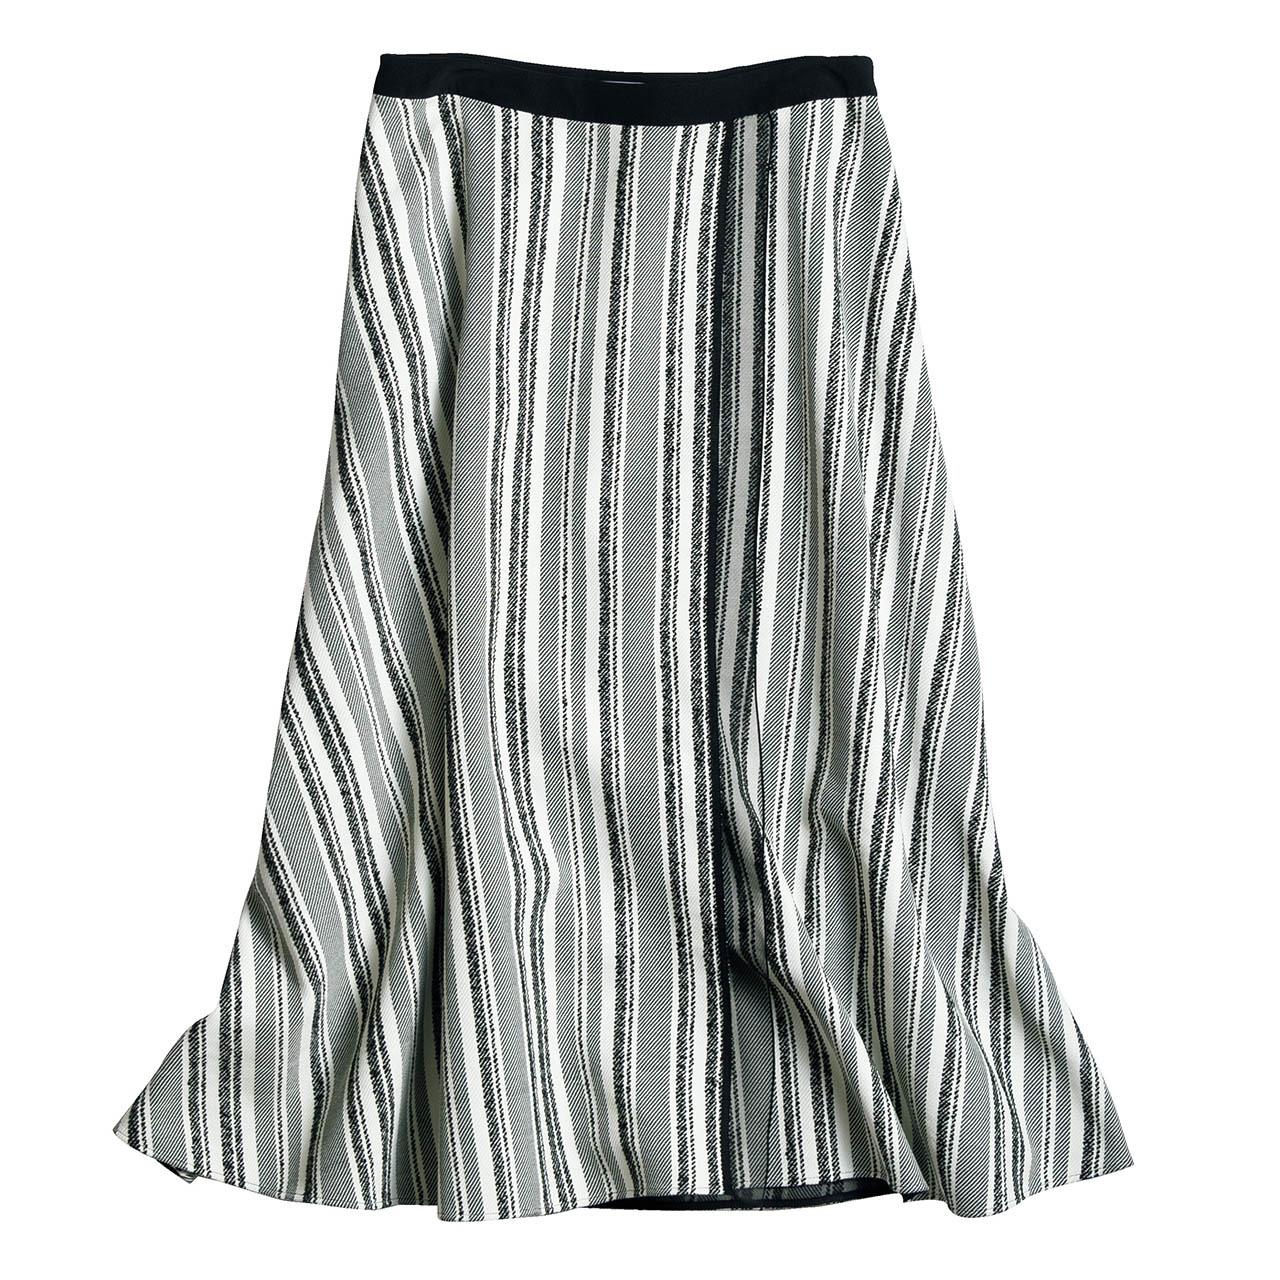 大人なシャープさが魅力の「ストライプスカート」 五選_1_1-2